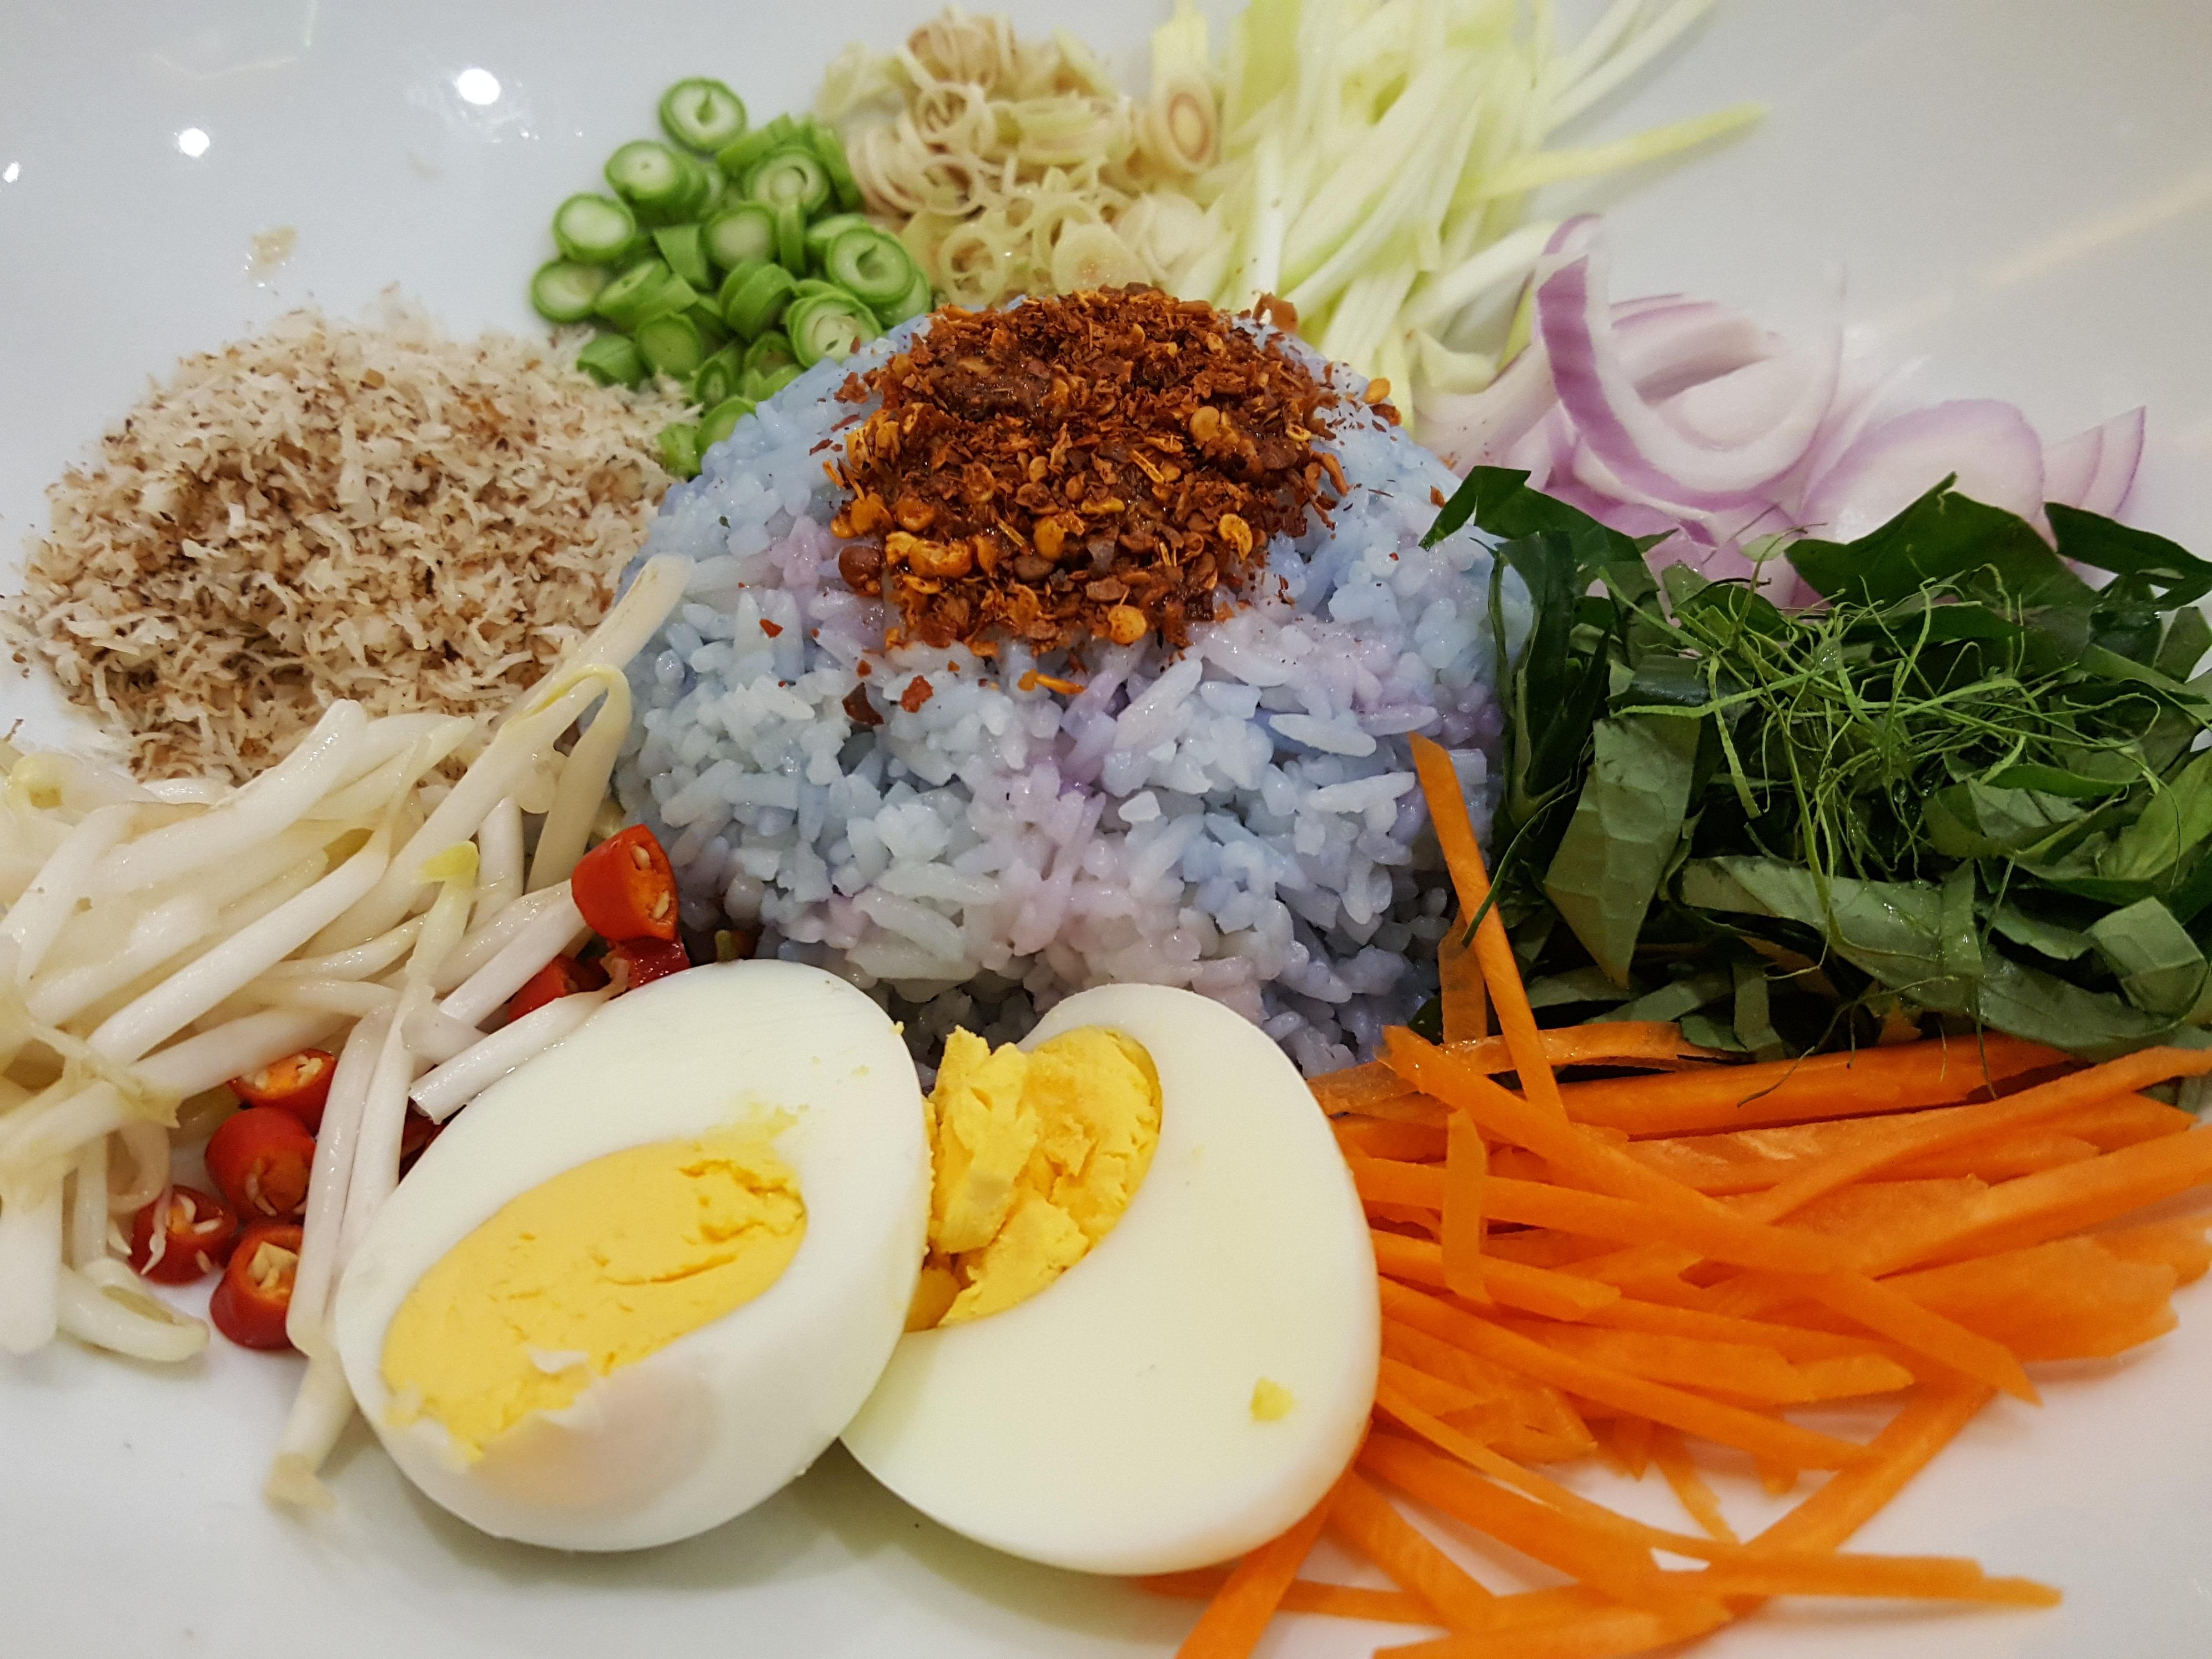 Fotos gratis : plato, ensalada, especia, Produce, pescado, saludable ...